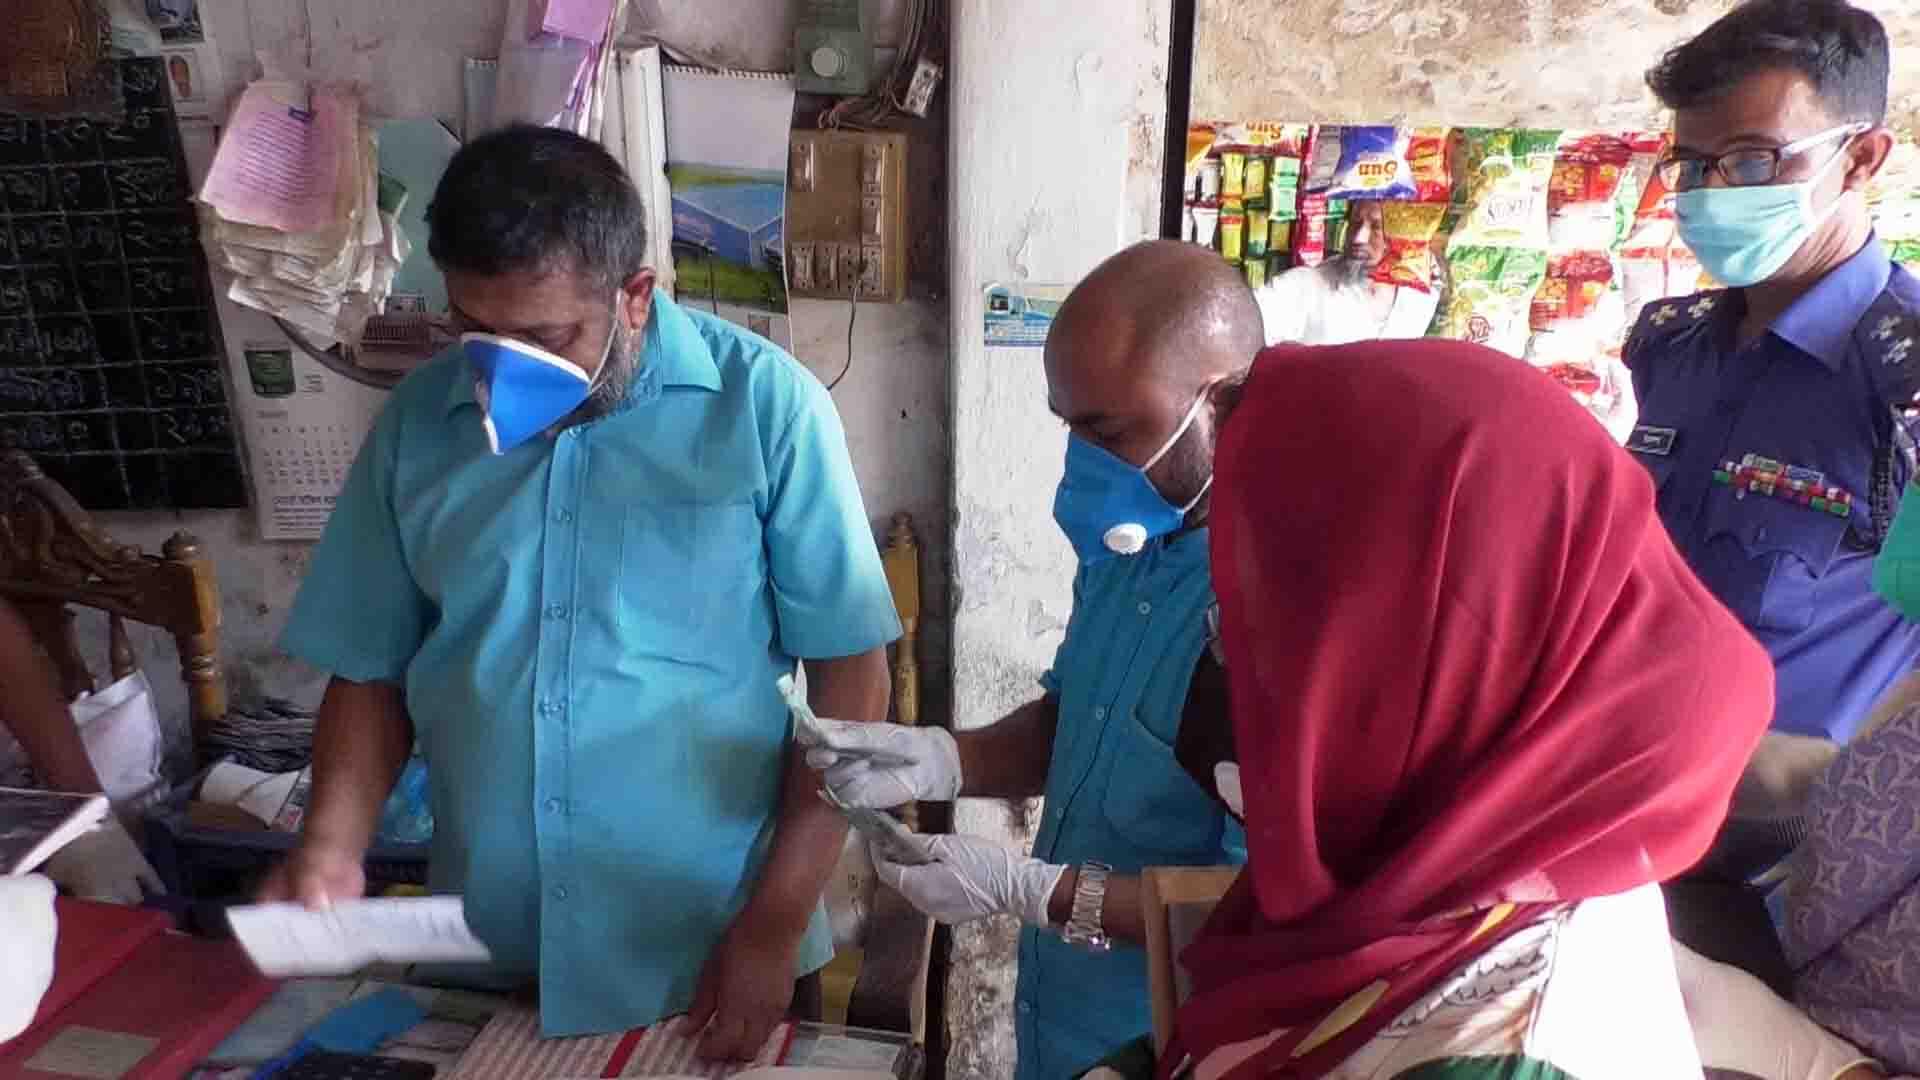 করোনা সঙ্কট:  মৌলভীবাজরে অস্থির চালের দোকানে ভ্রাম্যমাণ         আদালতের অভিযান